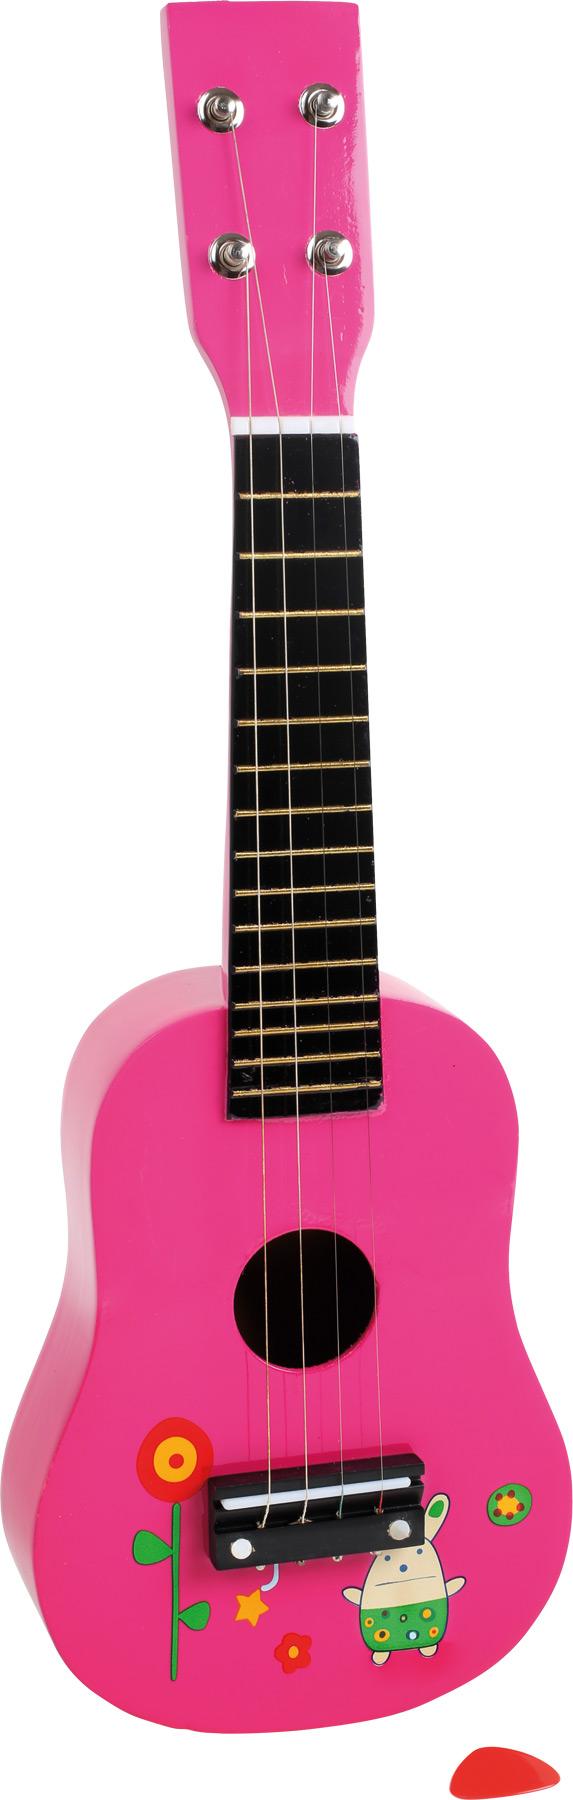 chitarra design rosa